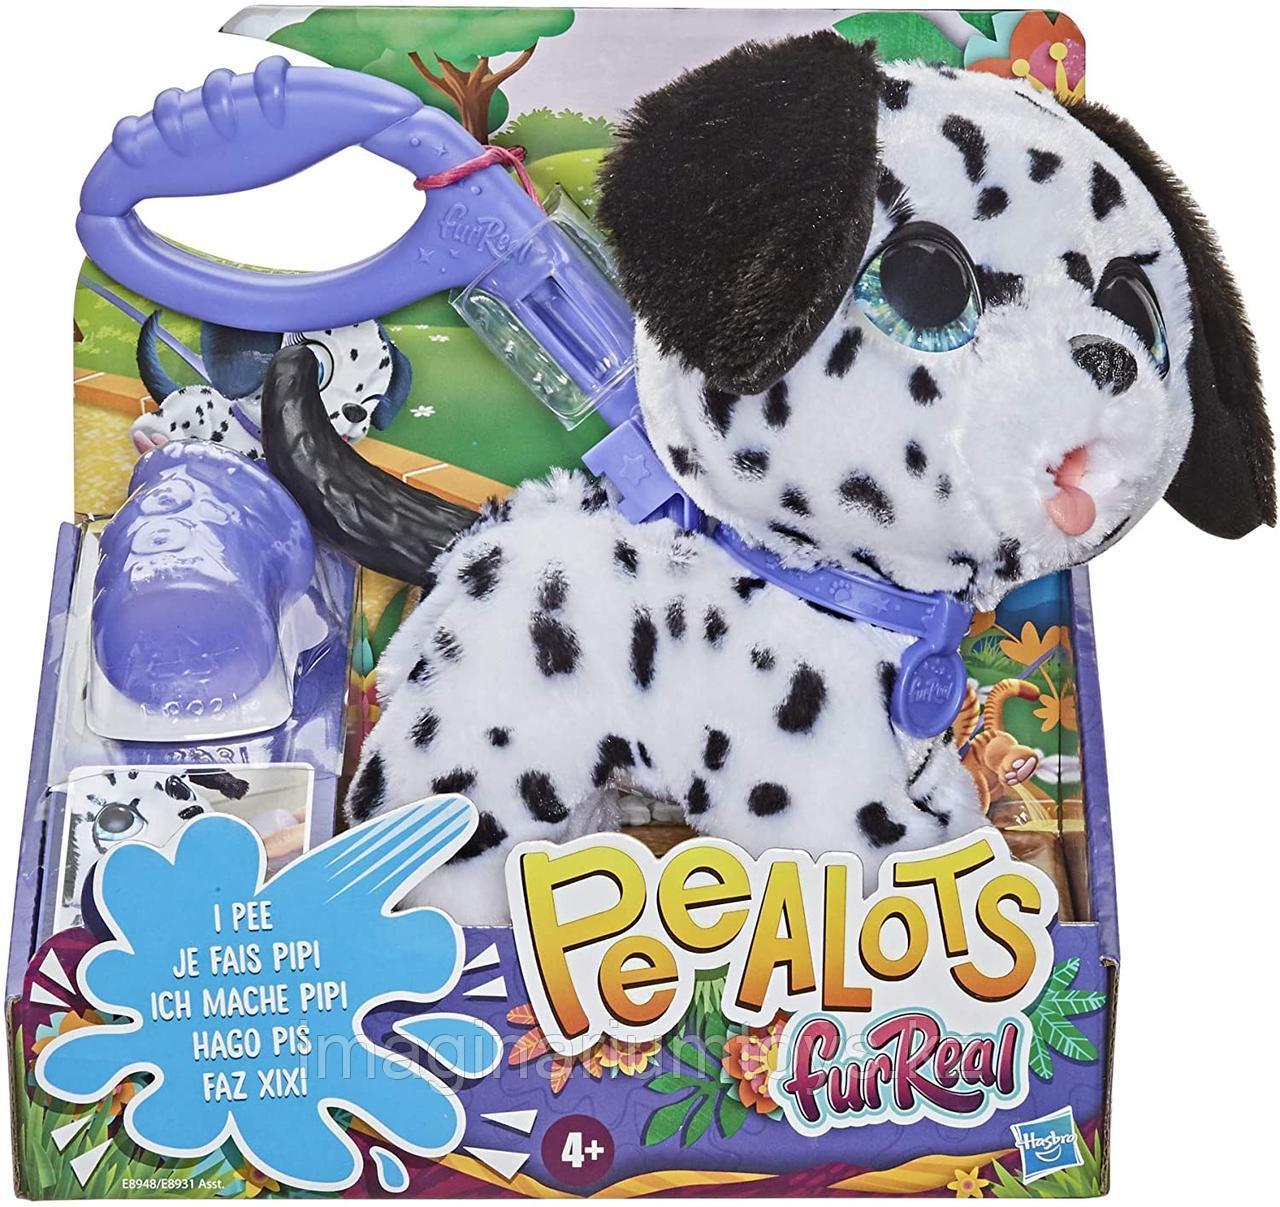 Furreal большая интерактивная собачка на поводке Peealots